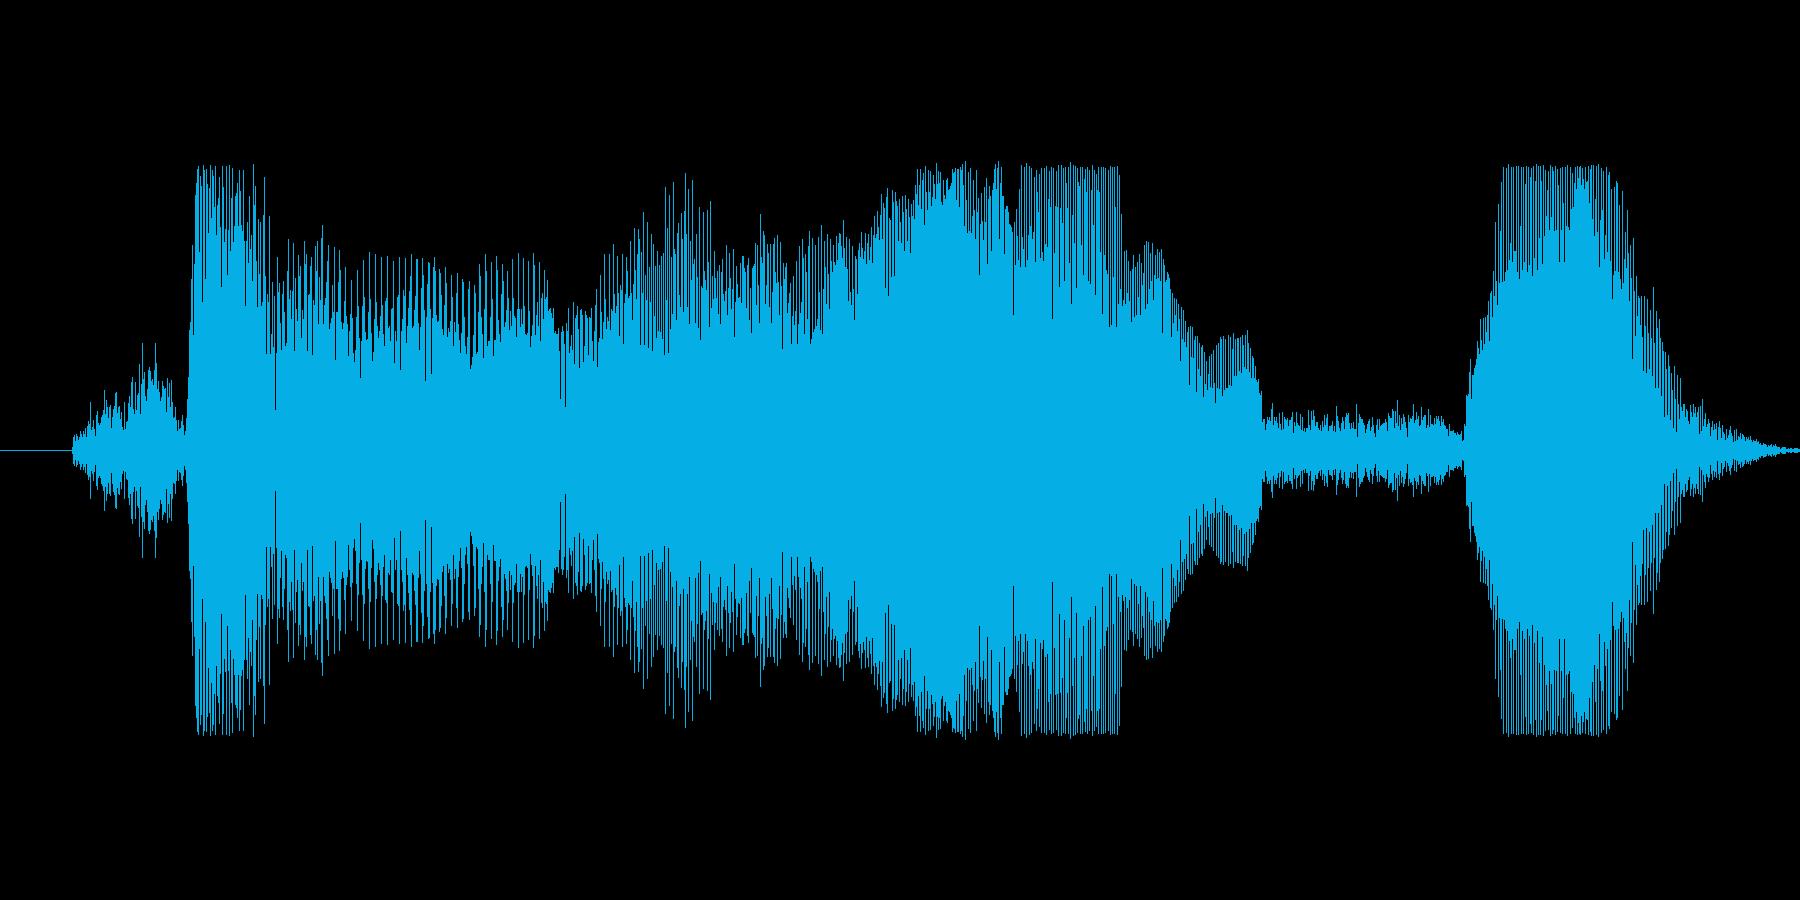 チャ〜ンス!の再生済みの波形